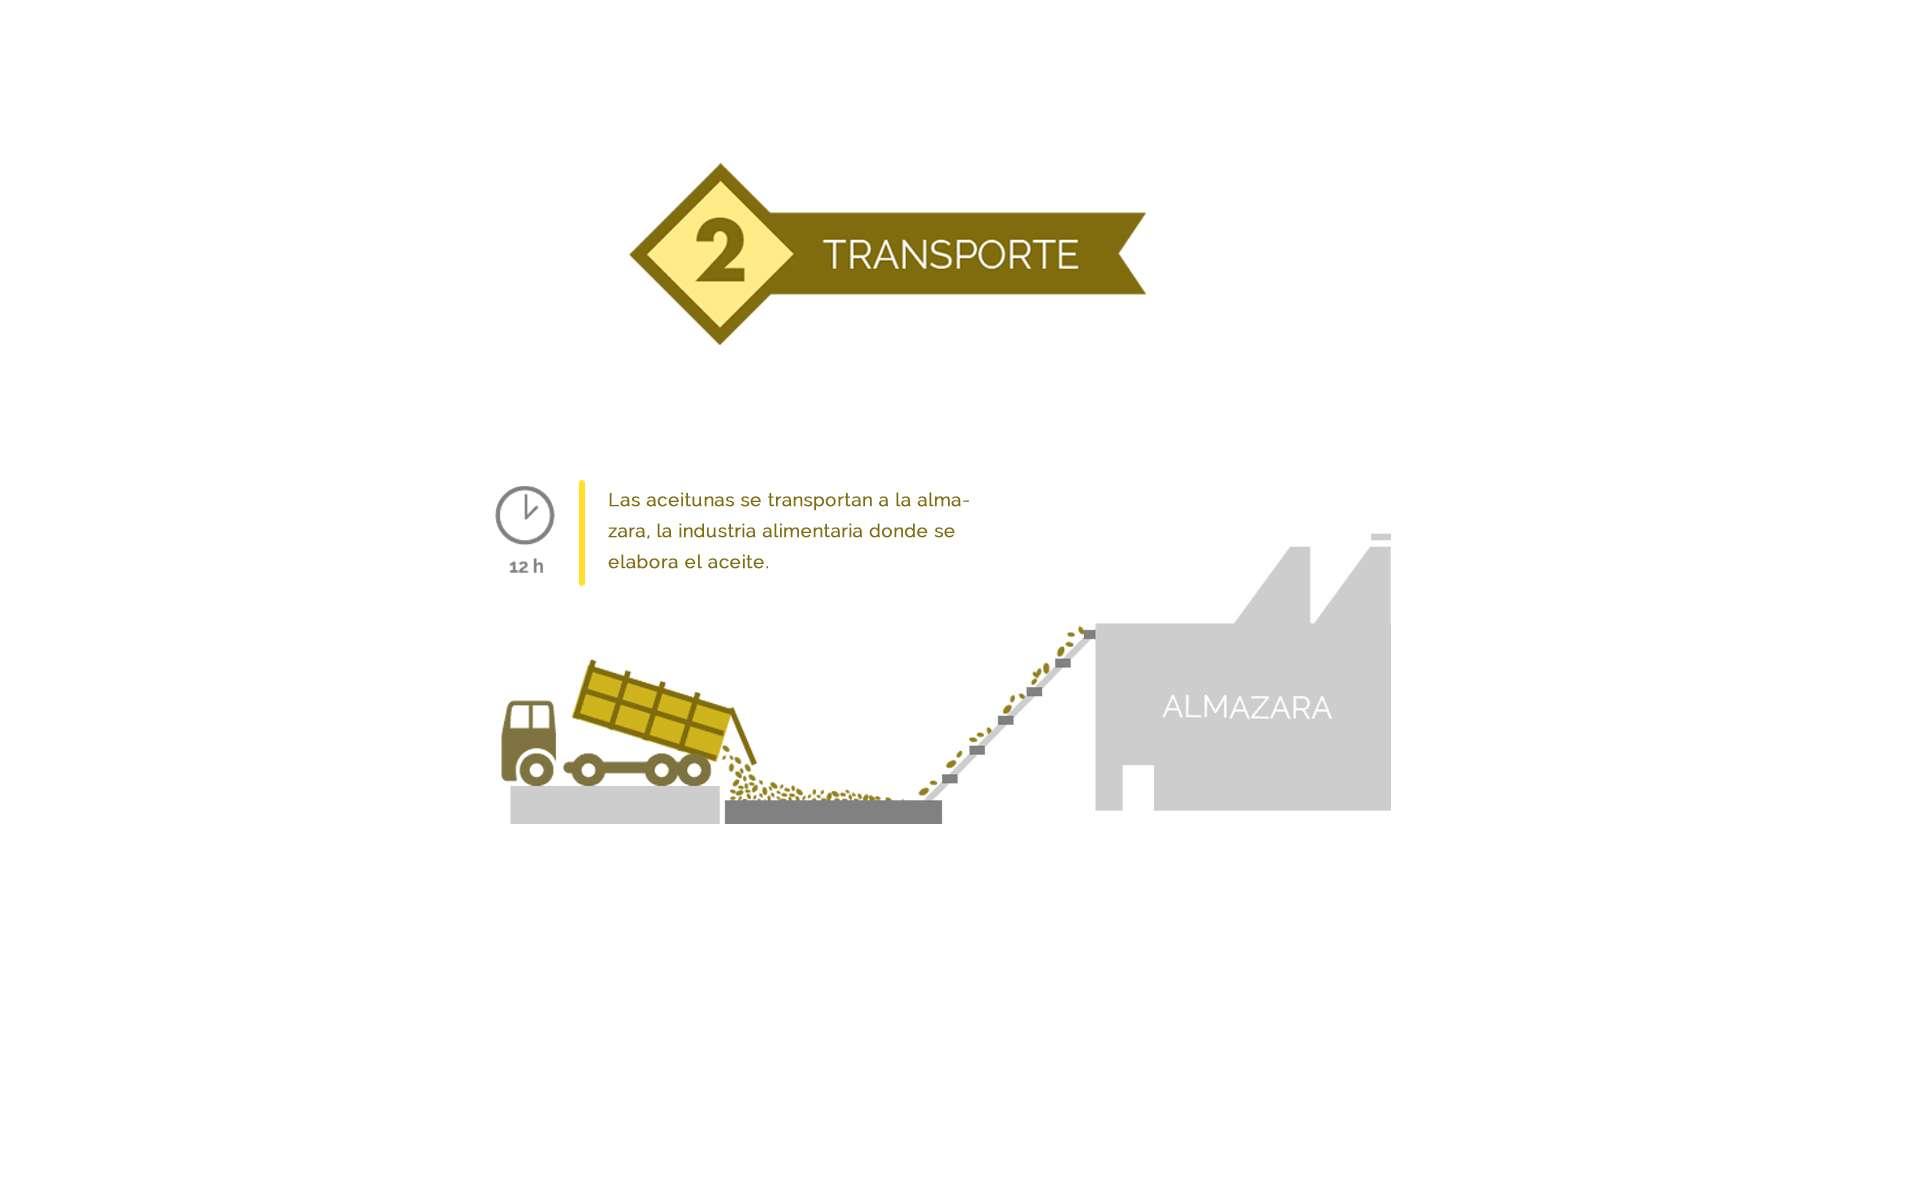 transporte de las aceitunas a la almazara